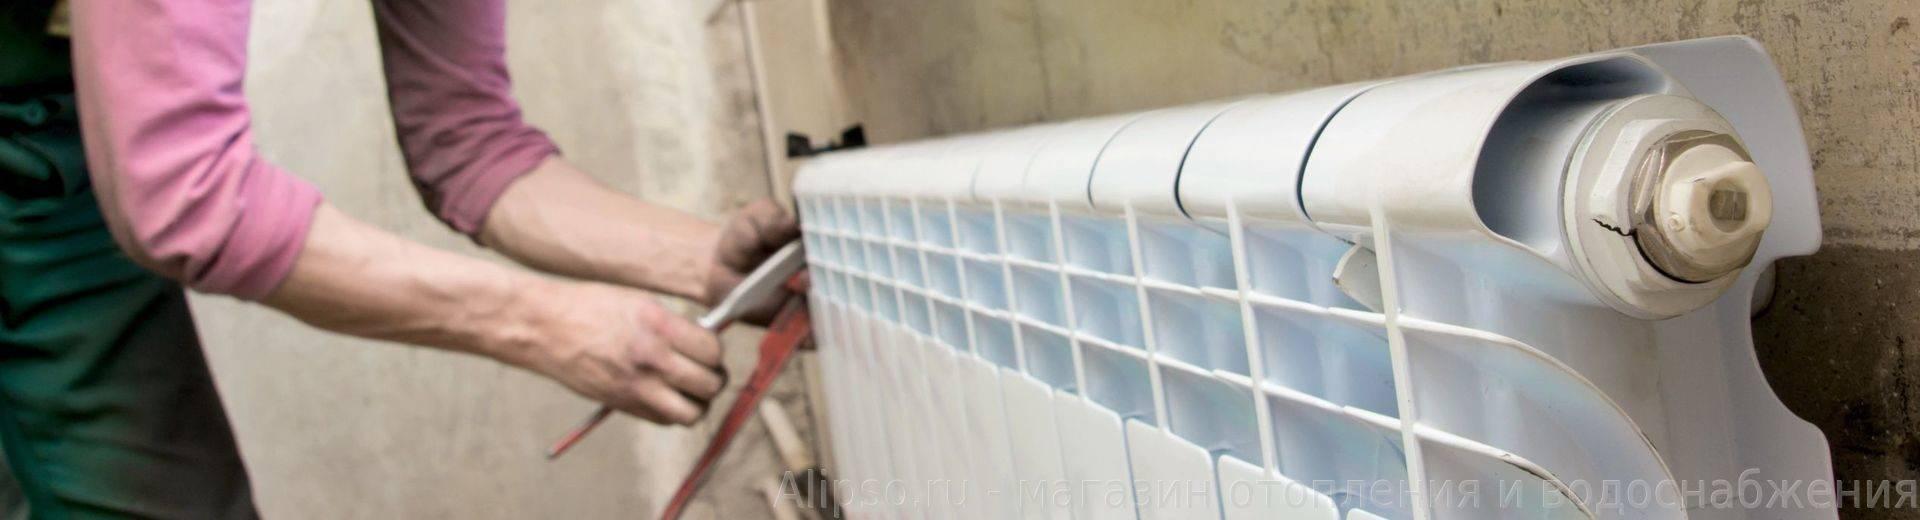 Как промыть батарею отопления советы для разных радиаторовкак промыть батарею отопления советы для разных радиаторов